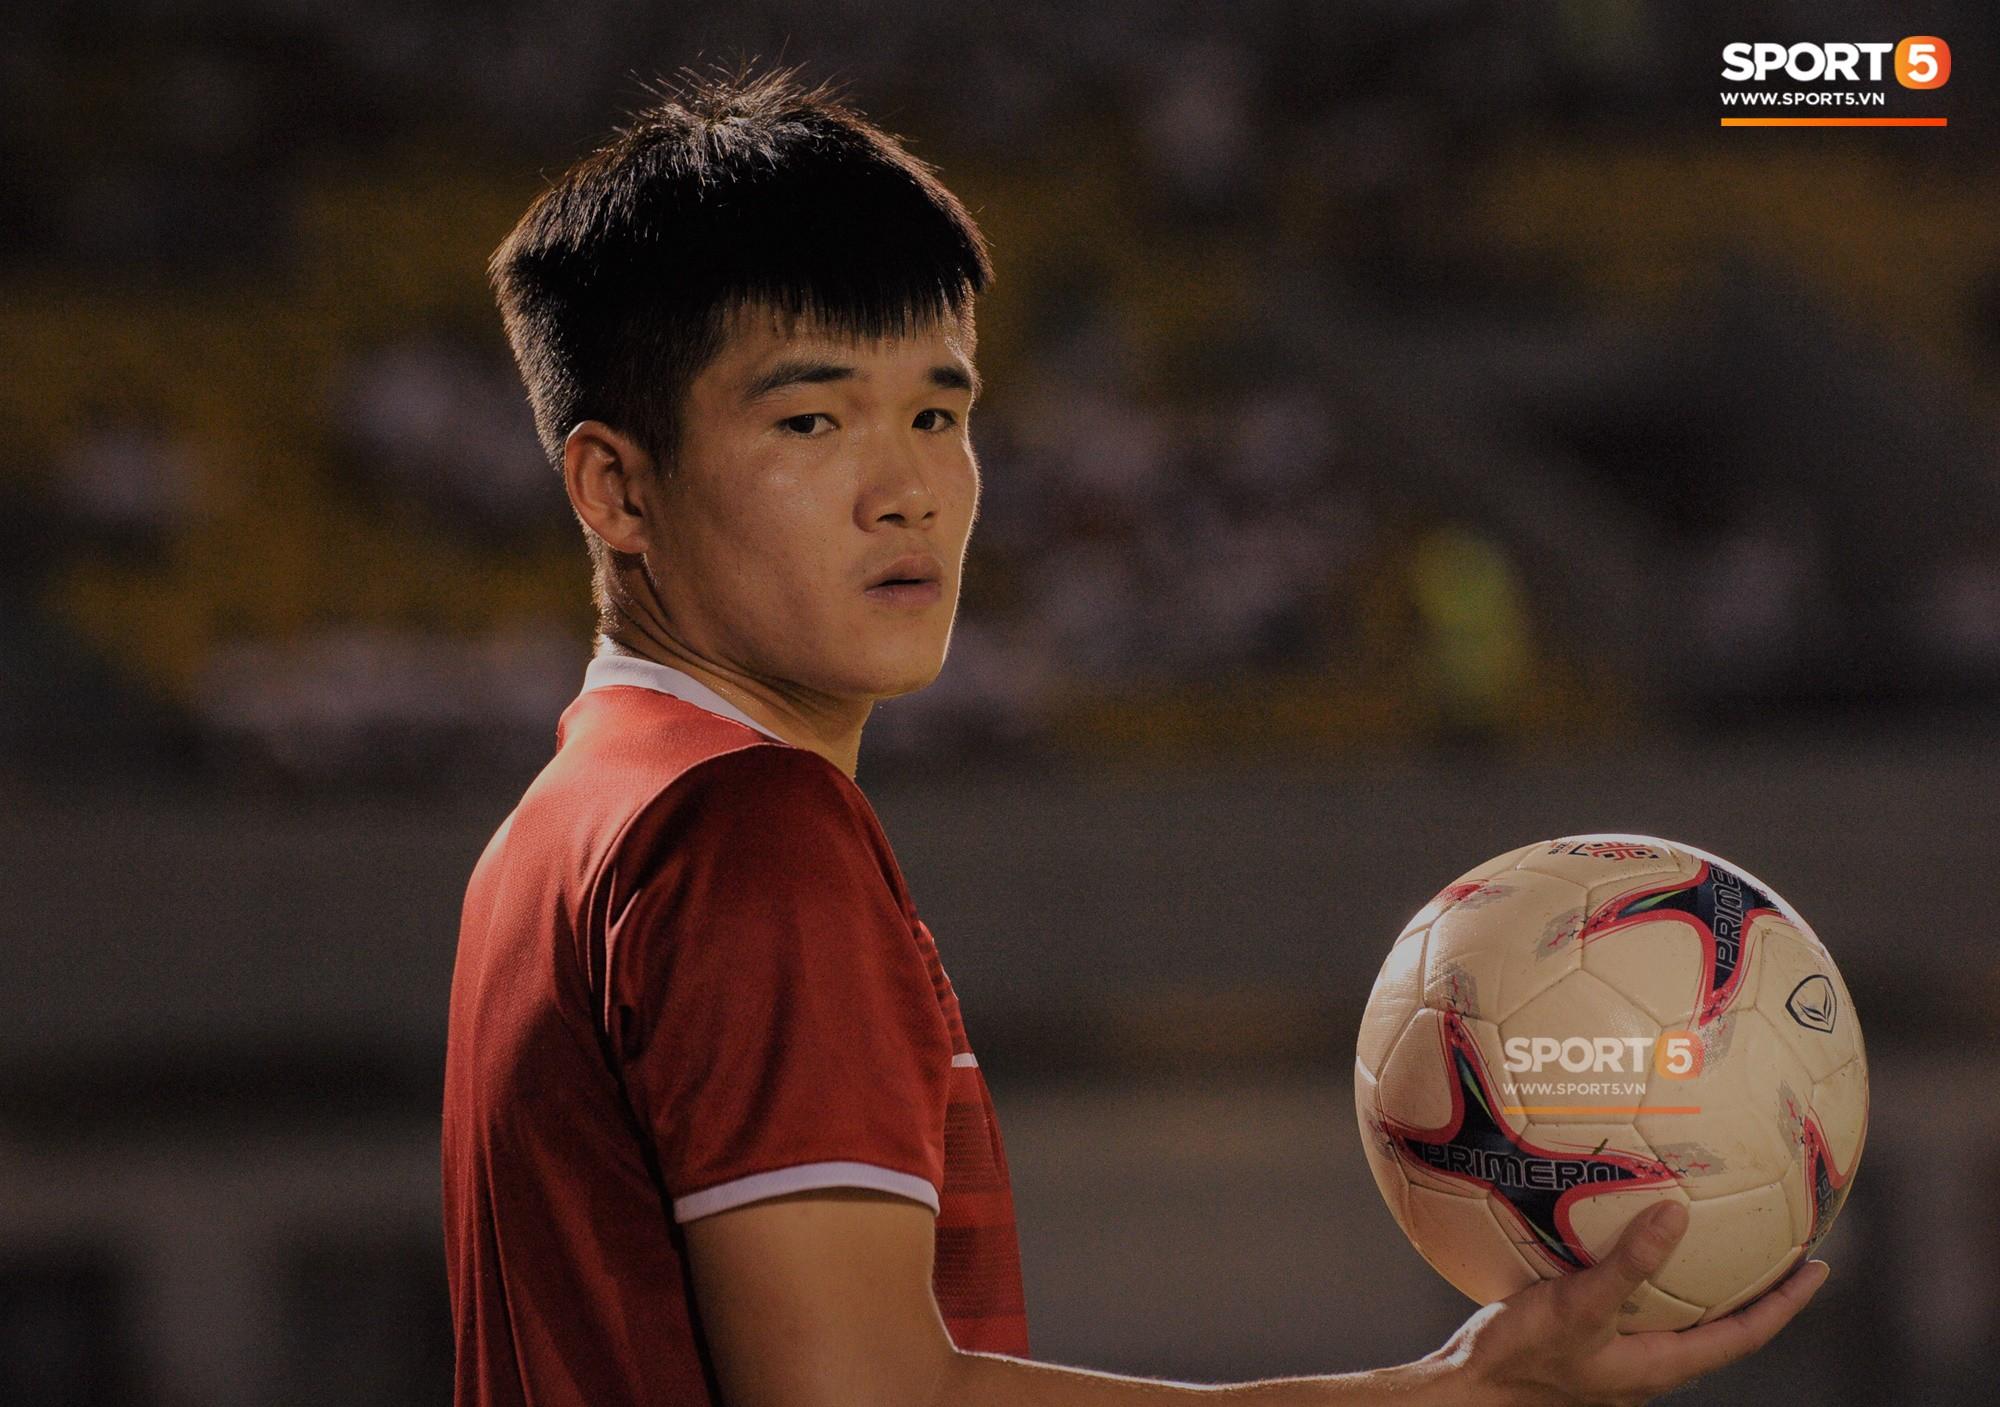 Tâm sự của trung vệ tuyển Việt Nam trong đêm Giáng sinh khiến fan rơi nước mắt - Ảnh 1.